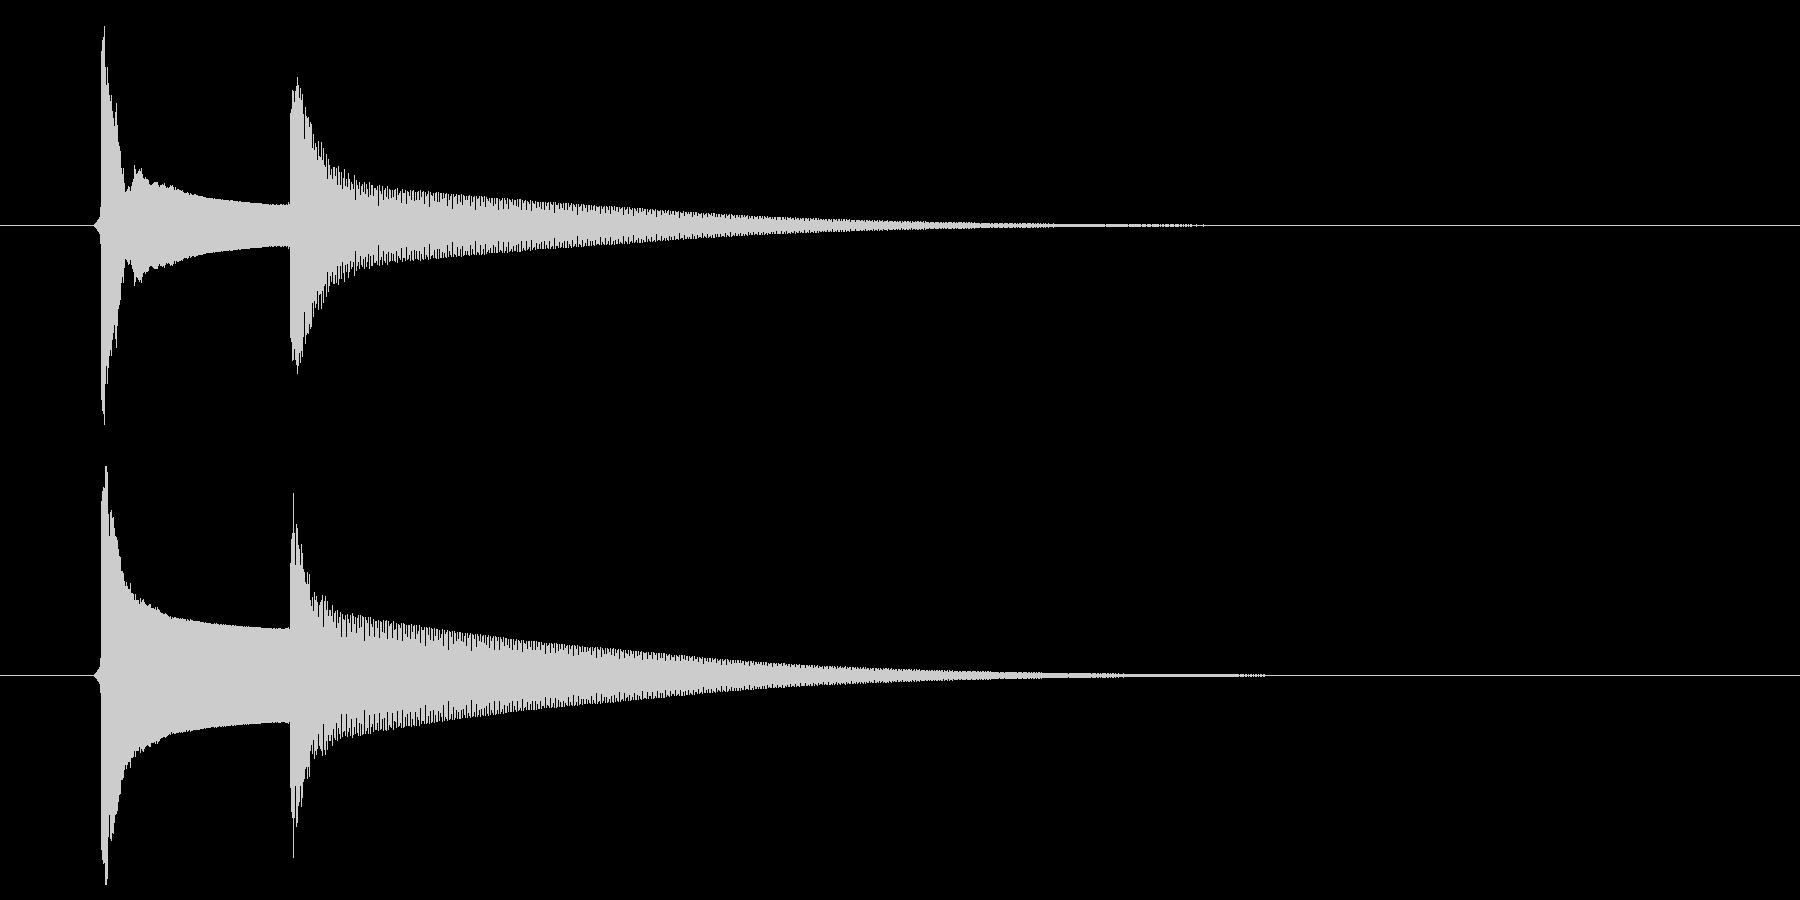 【生録音】ピンポーン(速度-普通)の未再生の波形